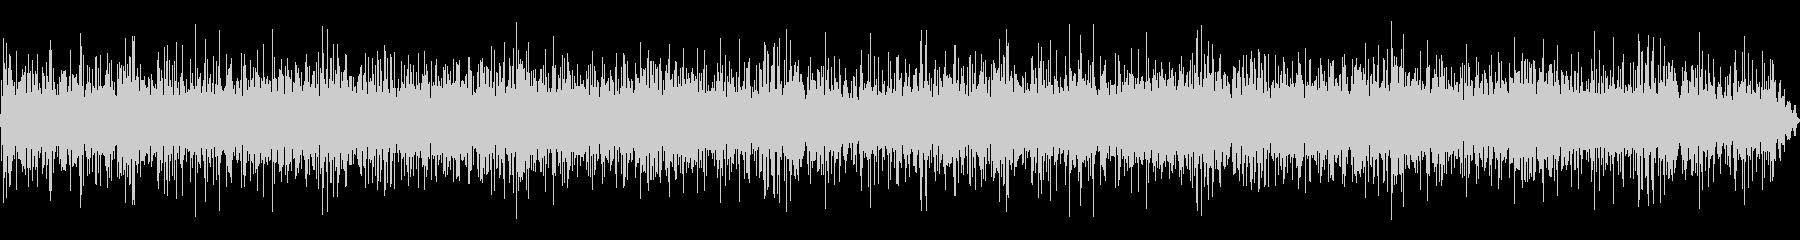 せせらぎの流れ-3(小川)の未再生の波形